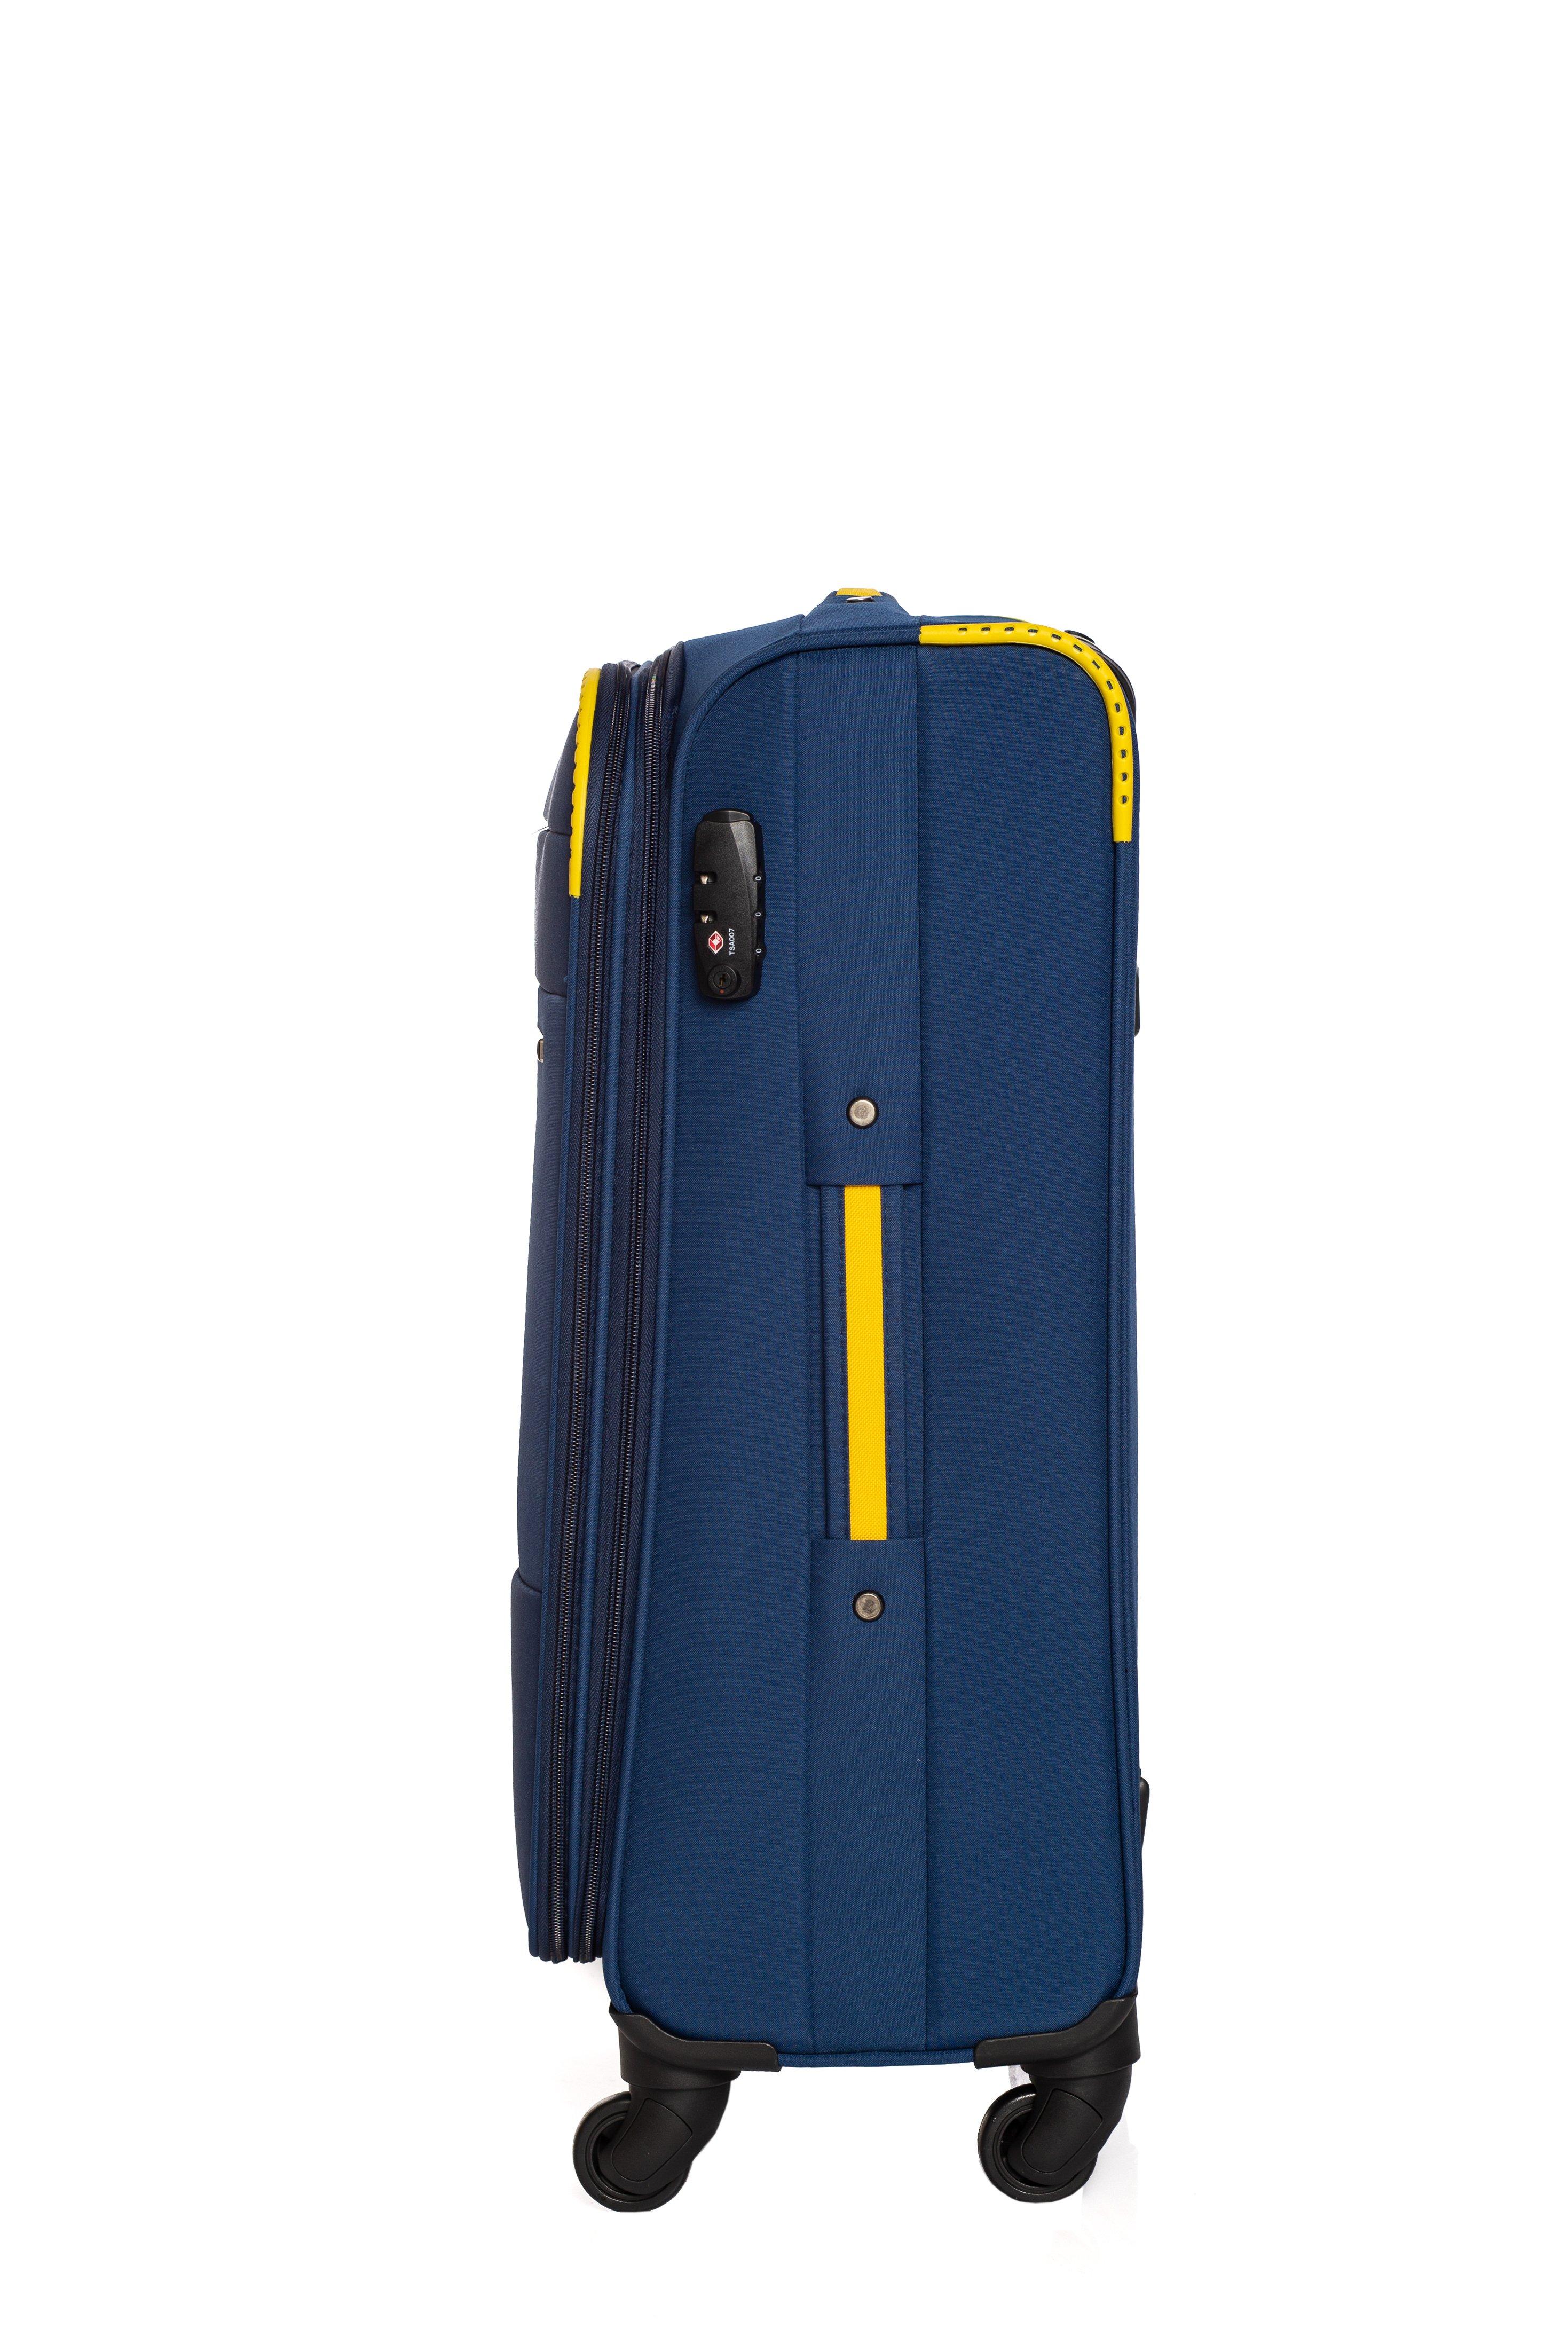 Troler Mirano Cosmo 55 Blue 2